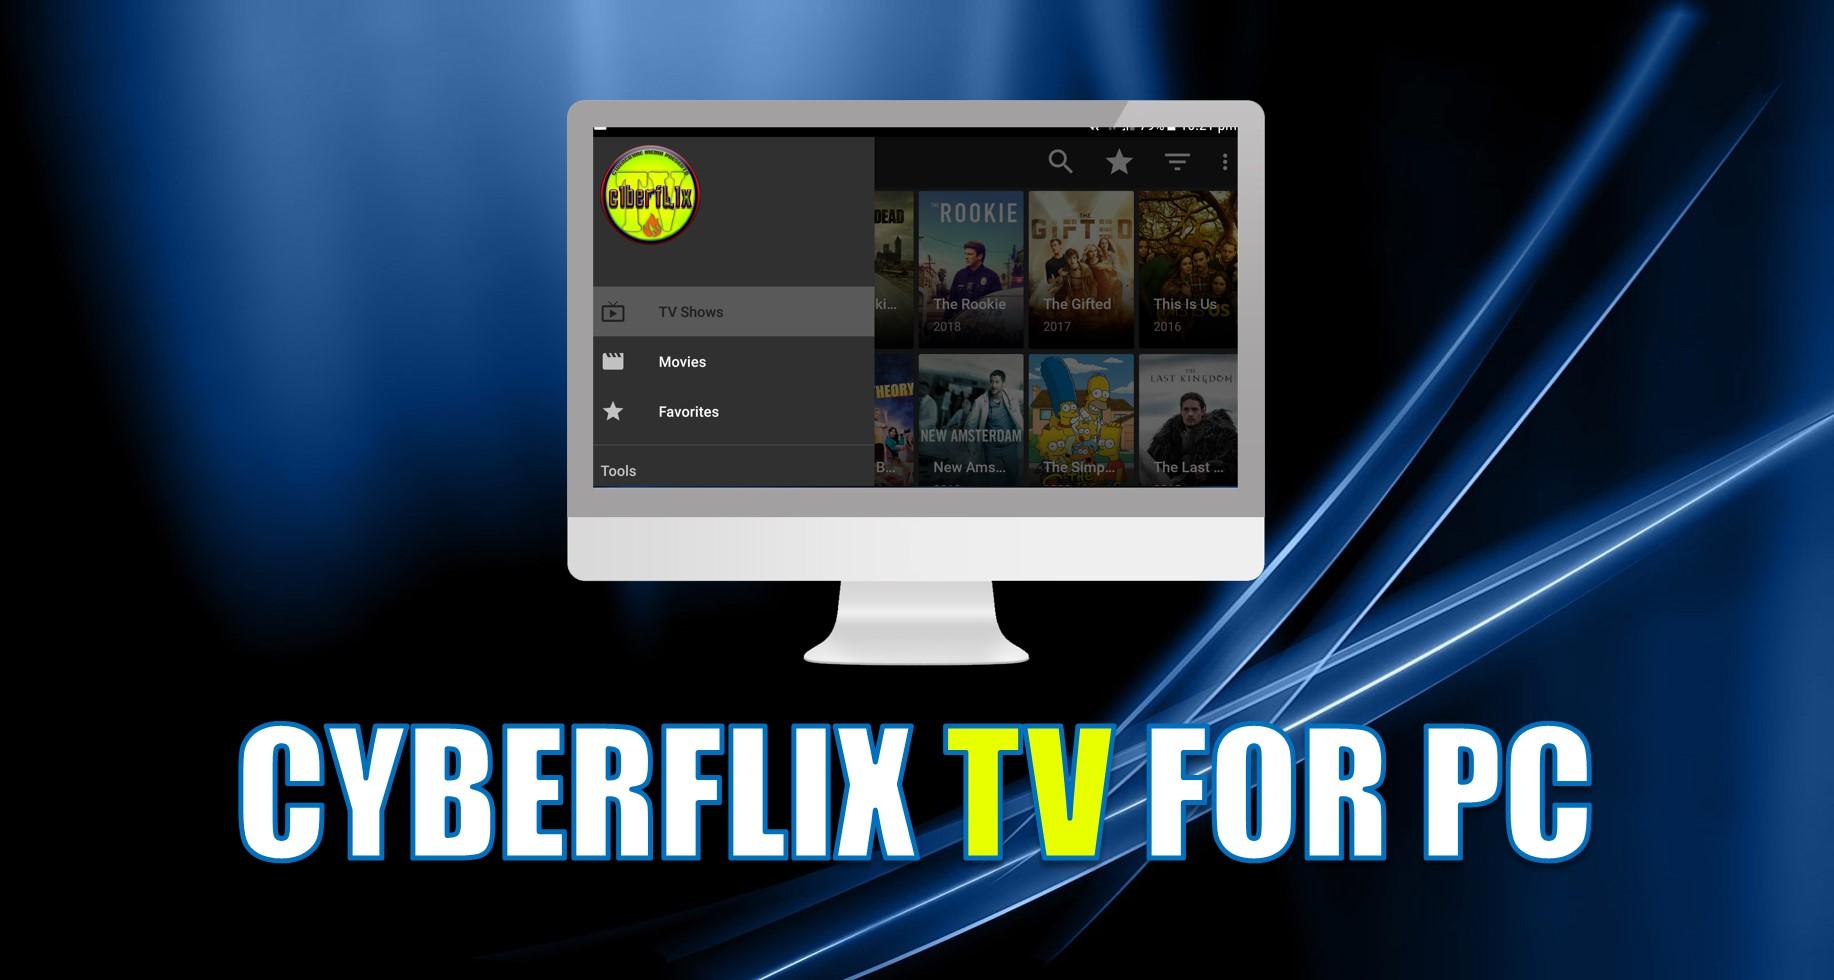 cyberflix tv for pc